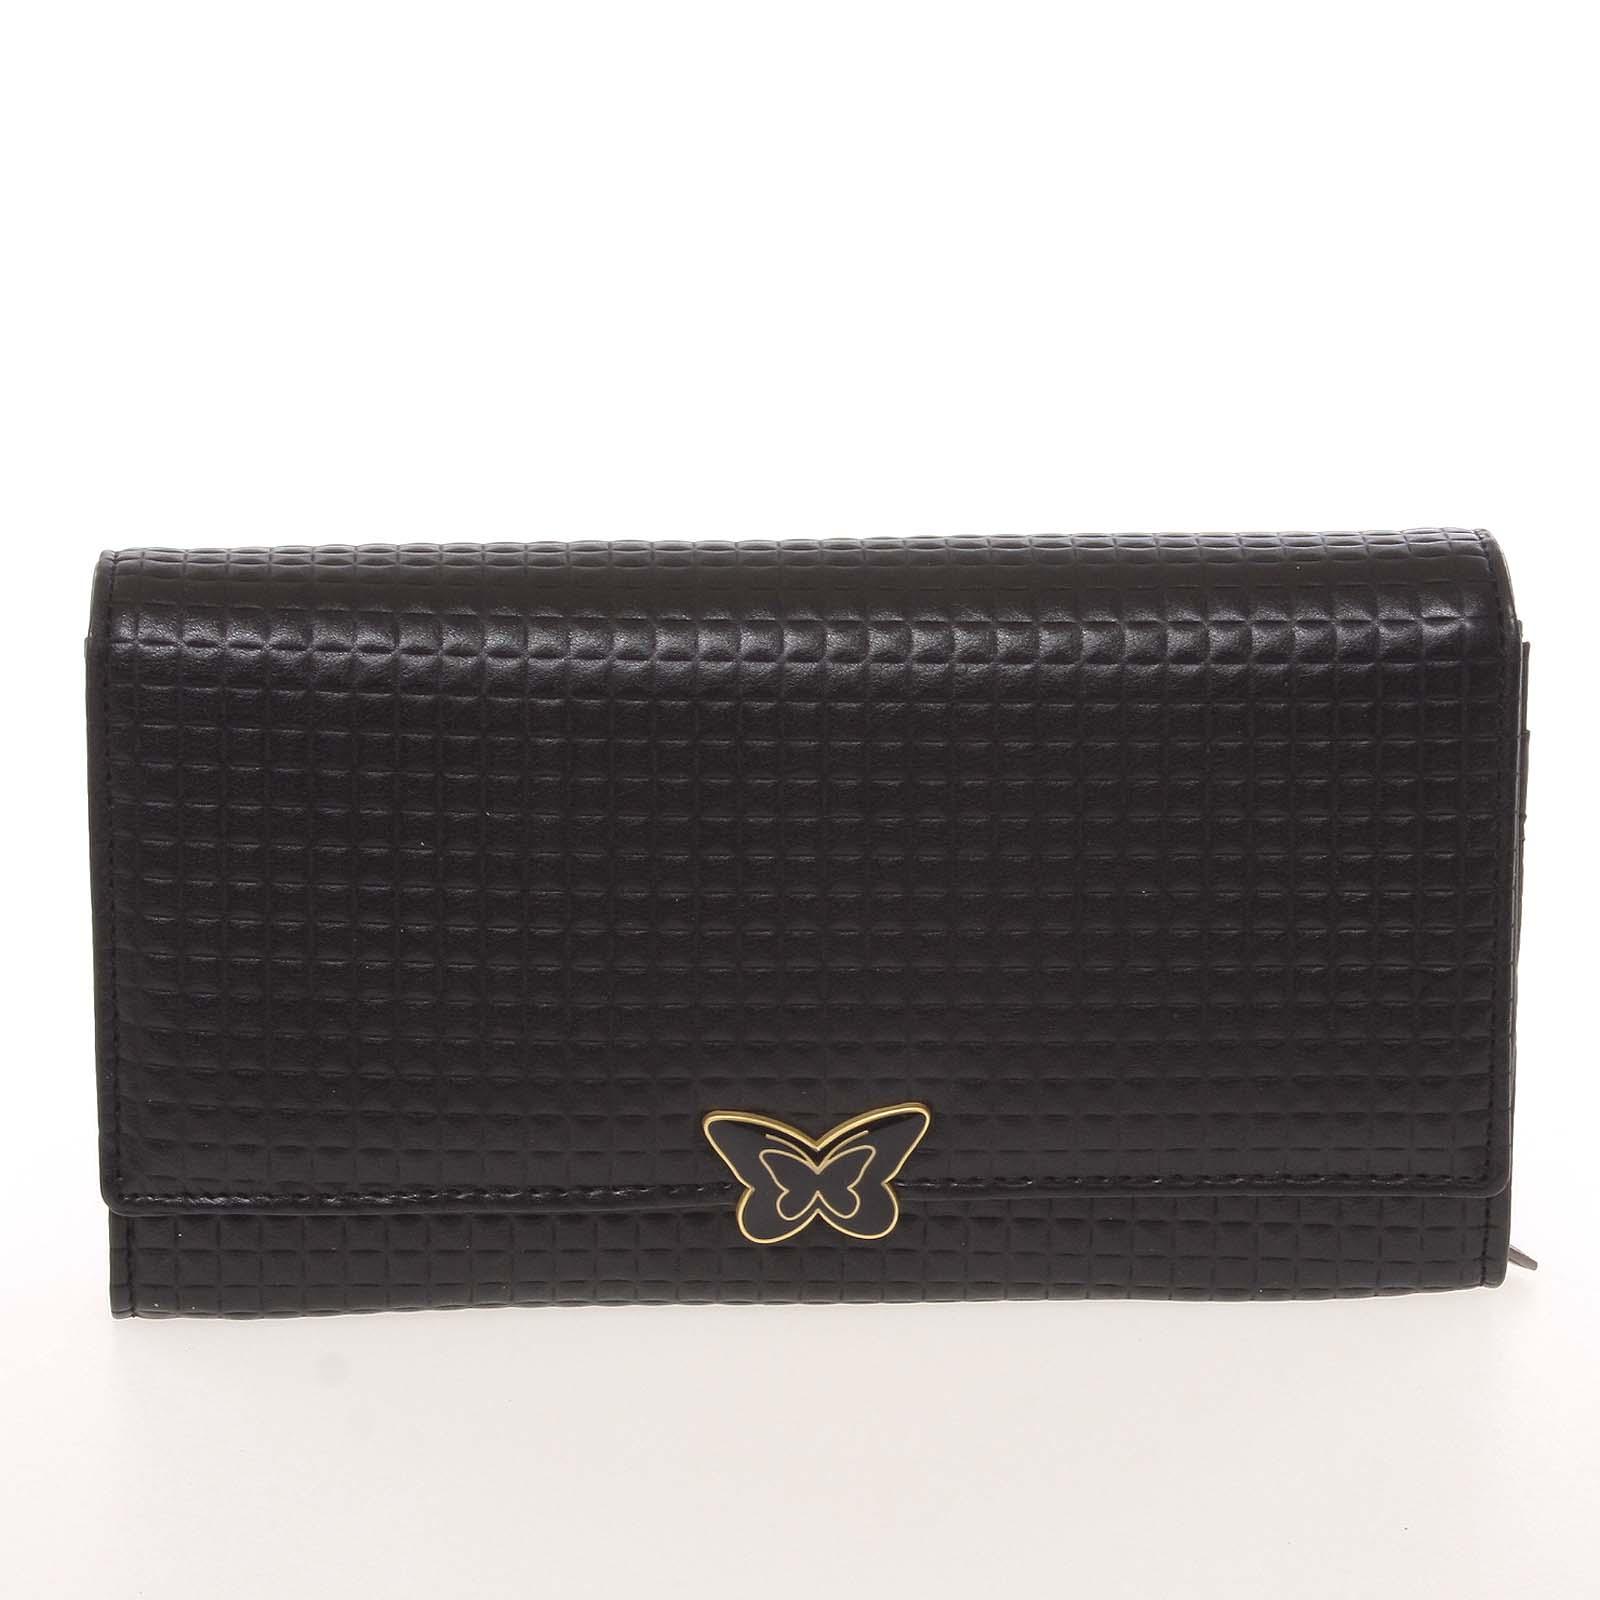 Elegantní dámská polokožená černá peněženka - Cavaldi PX202